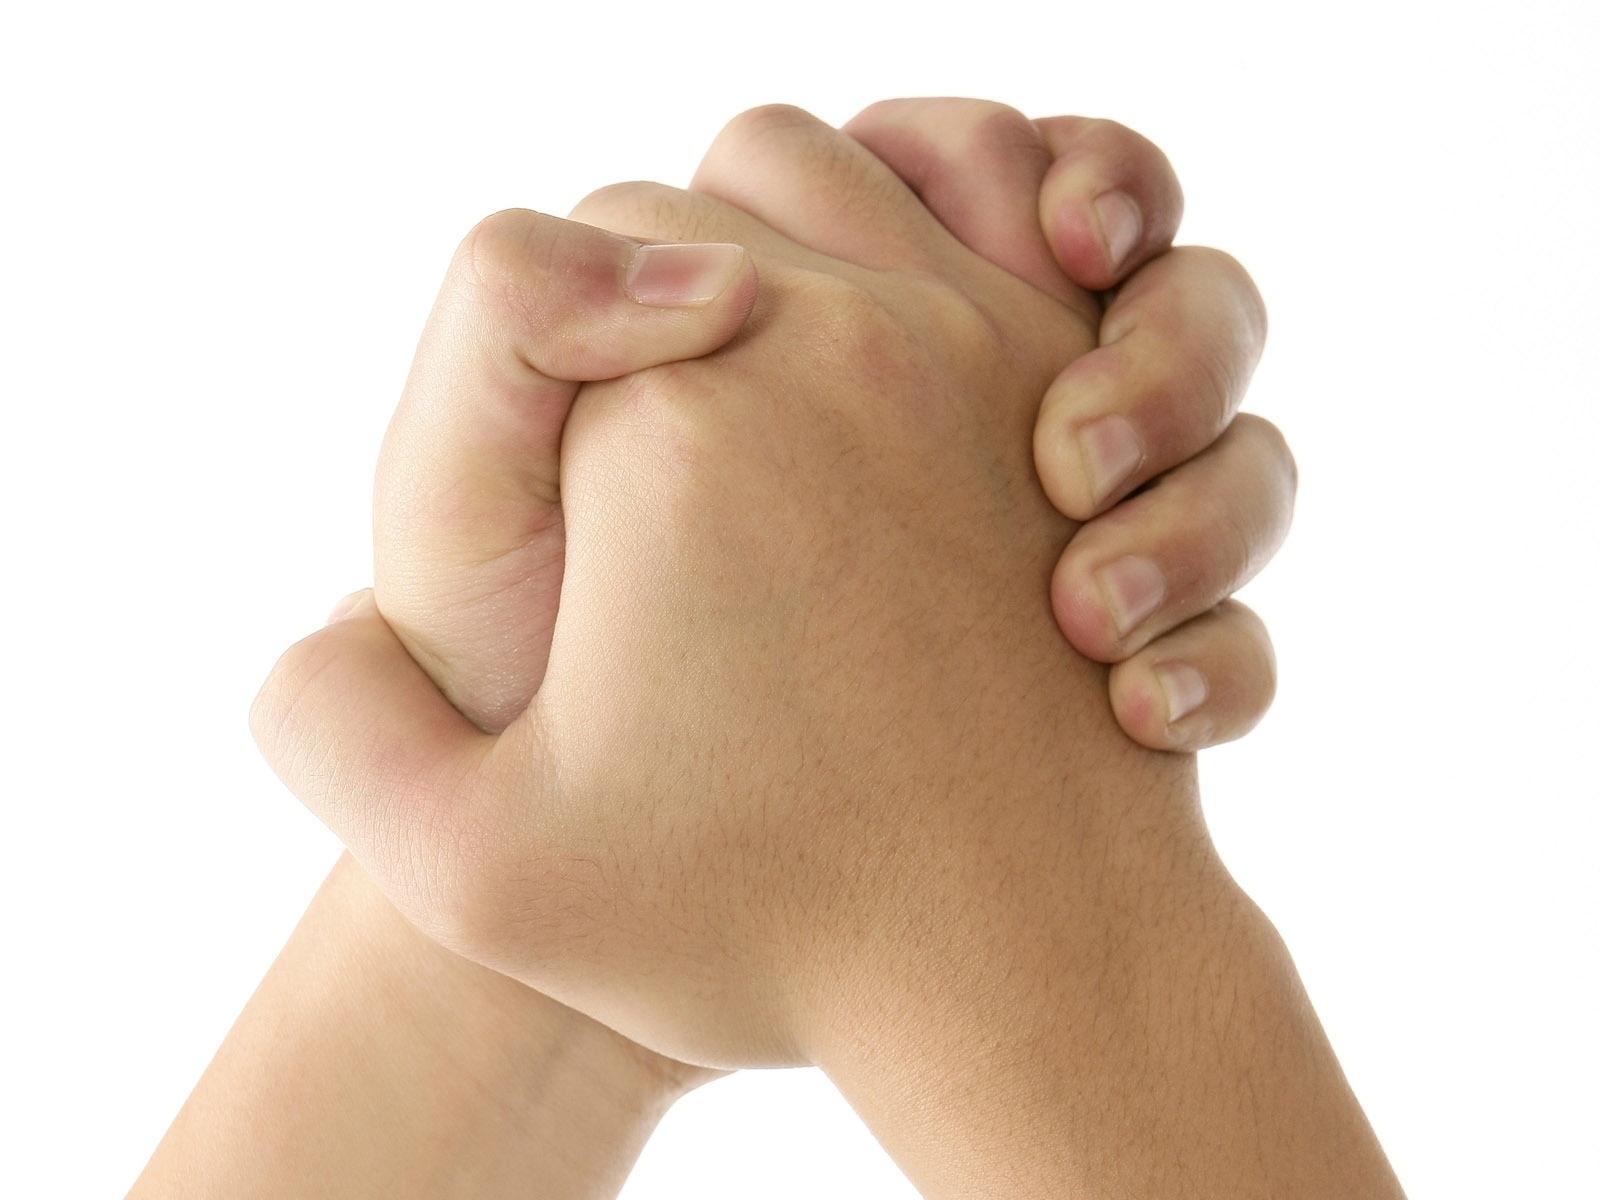 макаровском картинка с жестами приветствием одна наиболее современных